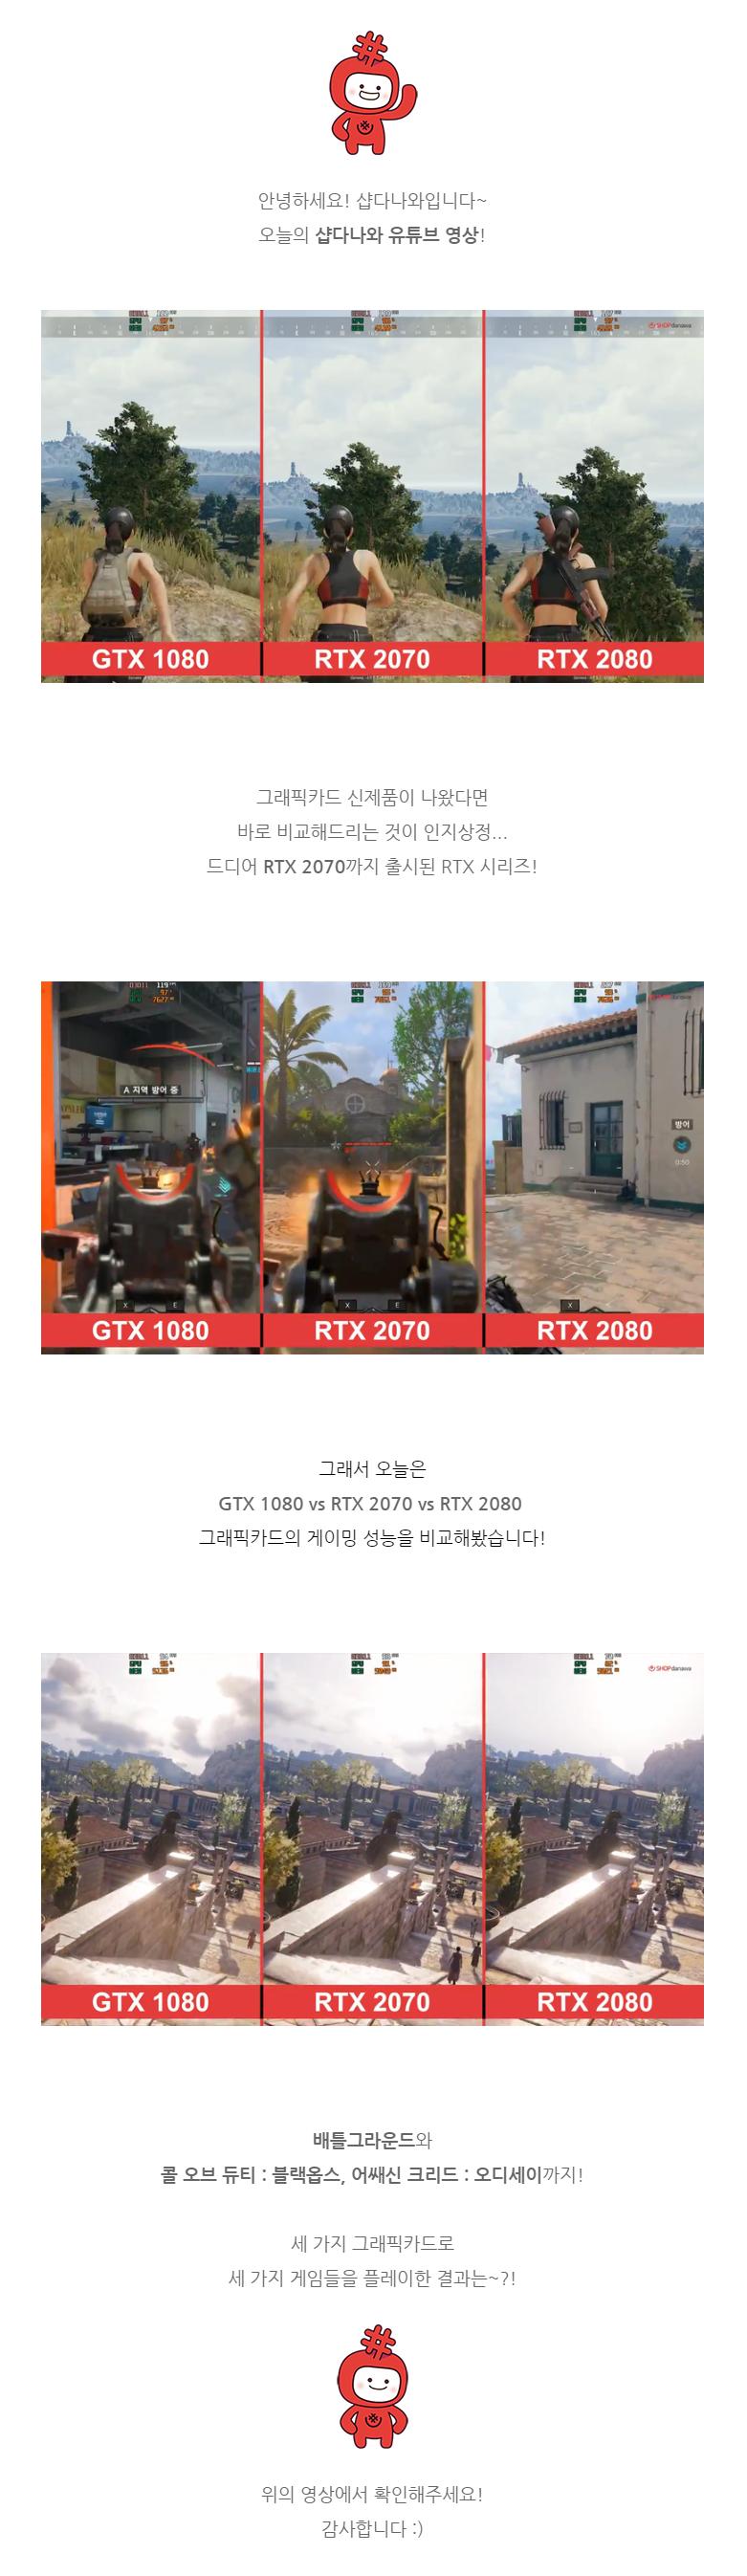 GTX 1080 vs RTX 2070 vs RTX 2080 배틀그라운드, 콜 오브 듀티 블랙옵스